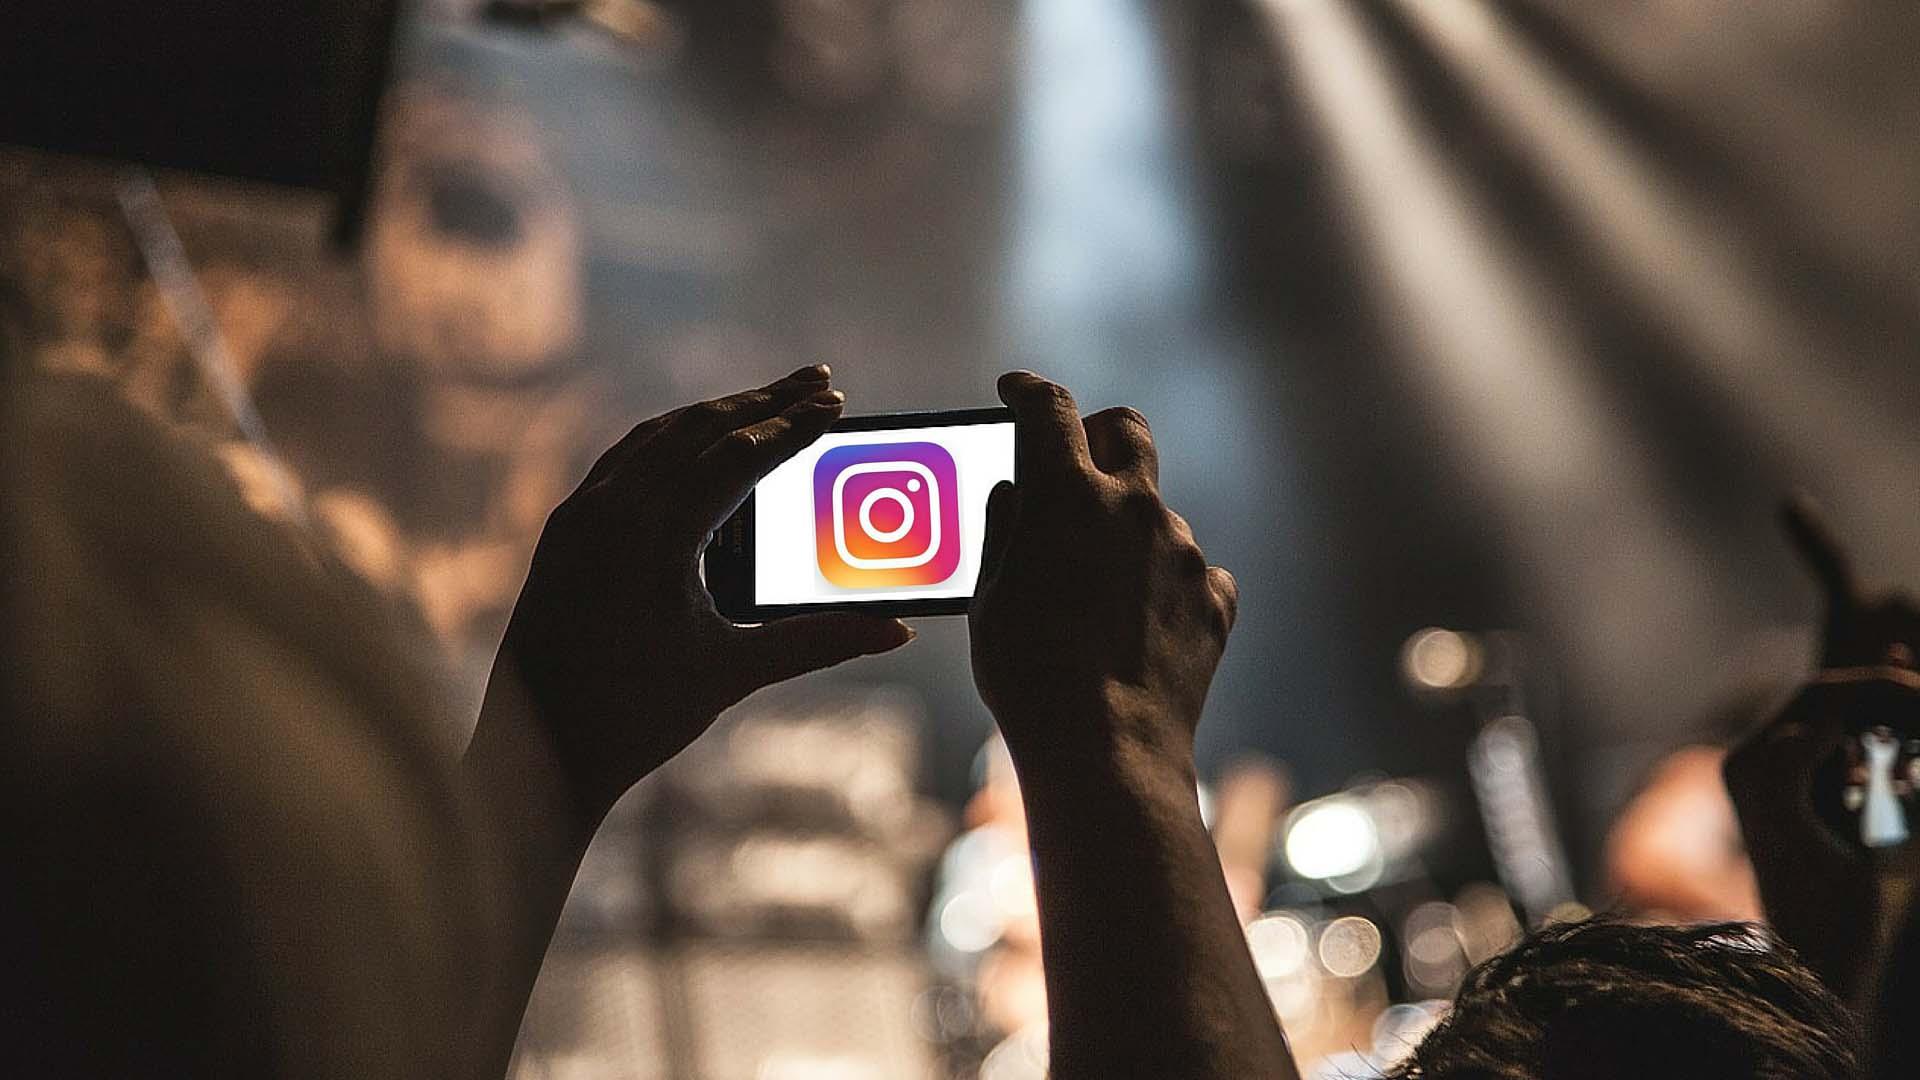 Marcas en Instagram: por qué quieren estar presentes